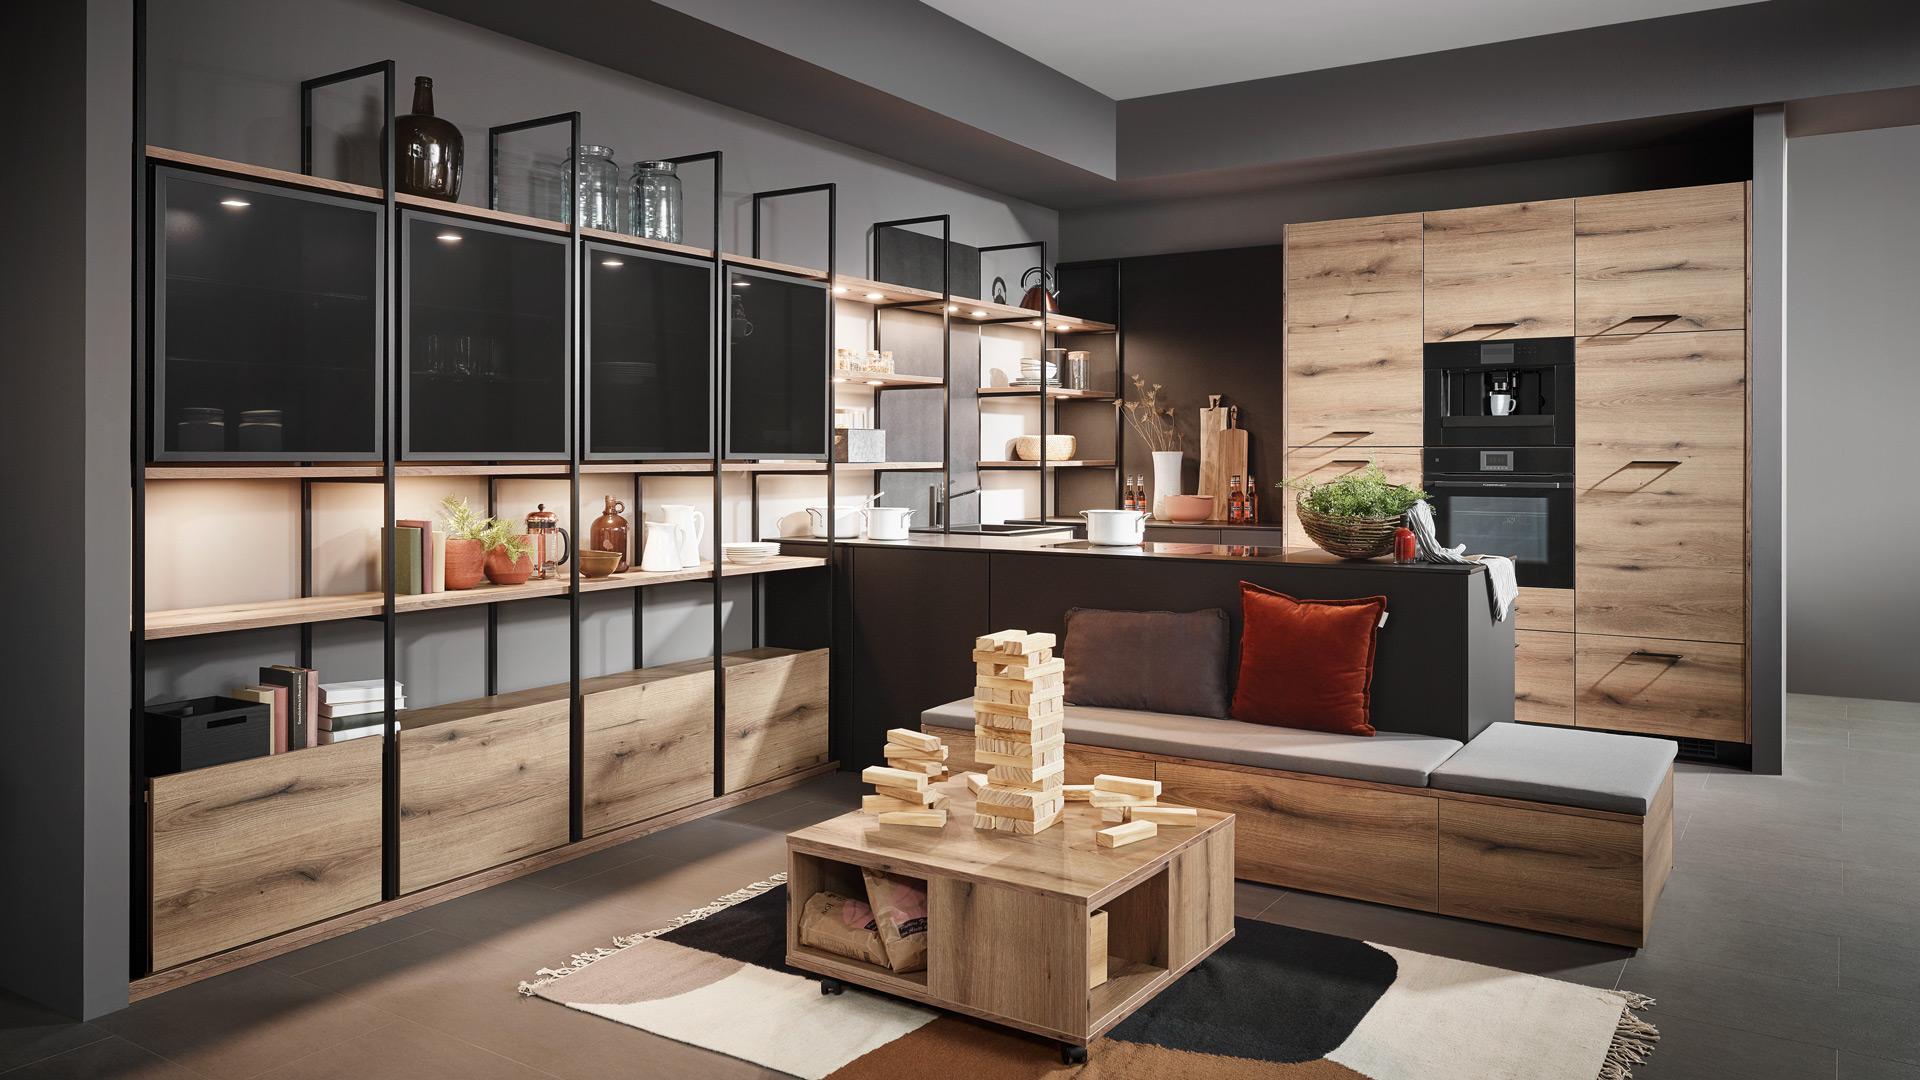 Full Size of Nolte Küchen Ersatzteile Sachsenkchen Unsere Kche Küche Regal Velux Fenster Betten Schlafzimmer Wohnzimmer Nolte Küchen Ersatzteile